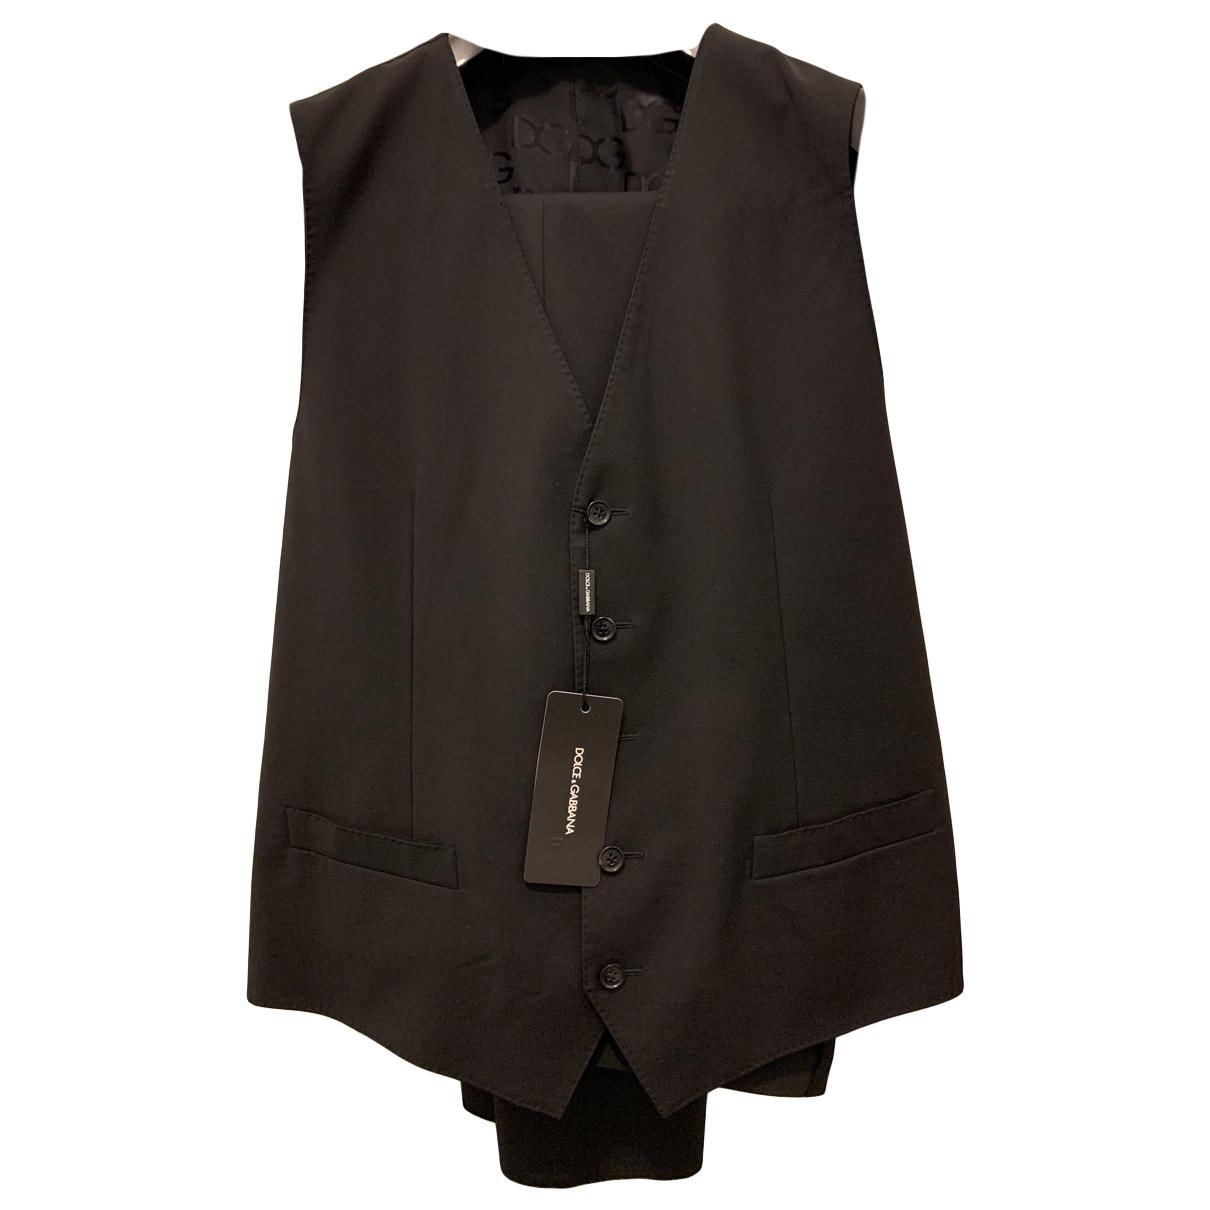 Dolce & Gabbana N Black Wool Knitwear & Sweatshirts for Men 48 IT